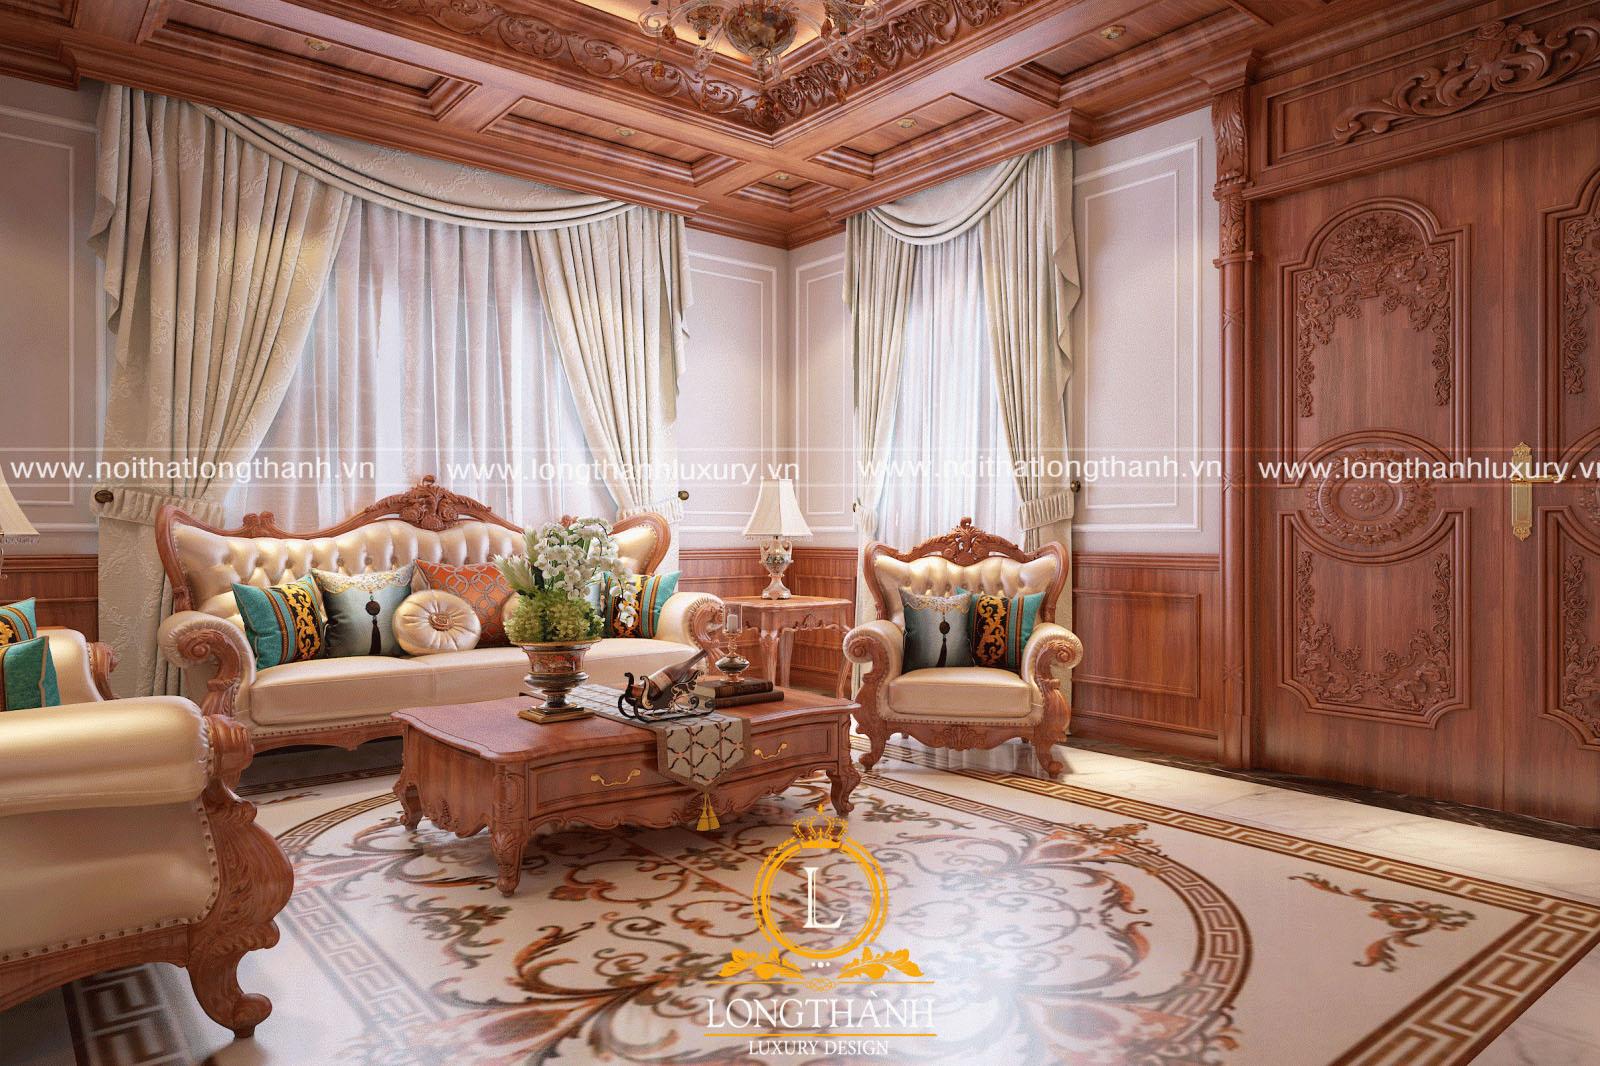 Mẫu sofa tân cổ điển đẹp LT11 góc nhìn thứ 2